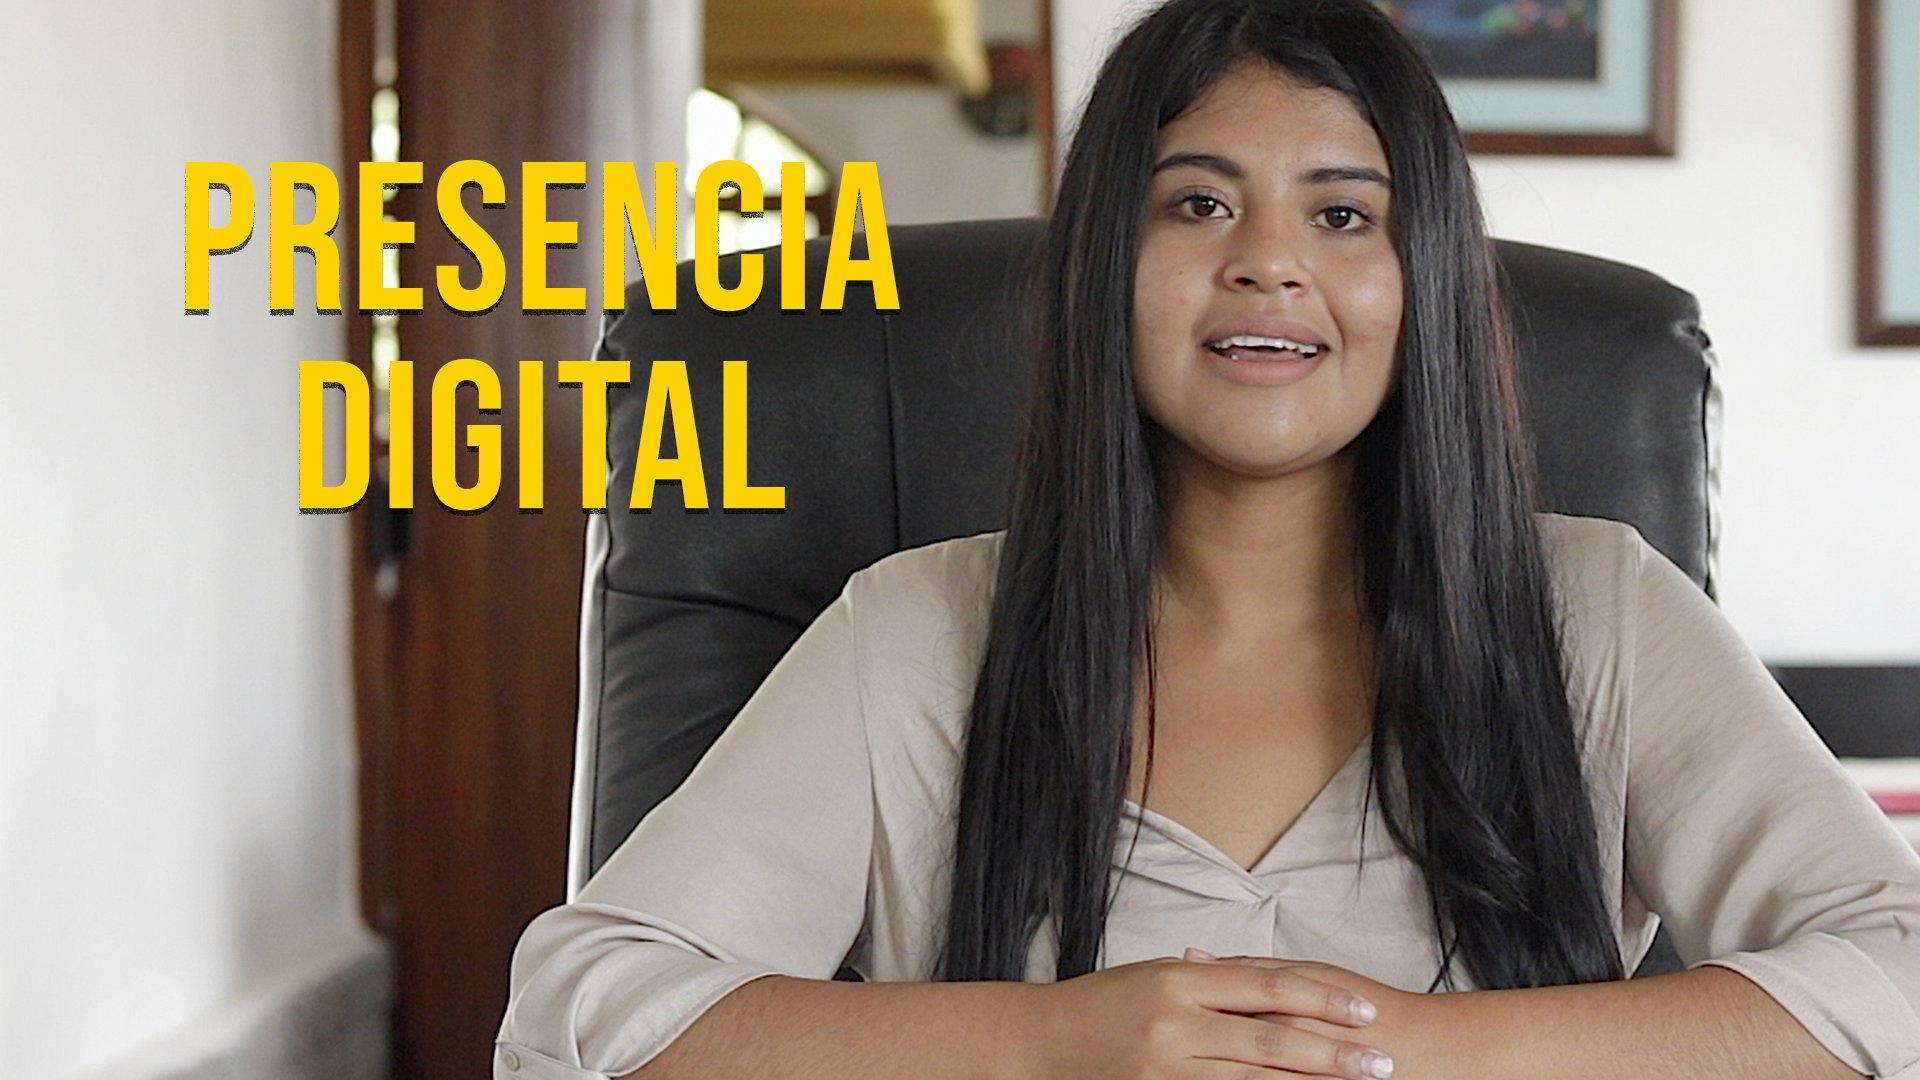 GE - Empezar presencia digital cover